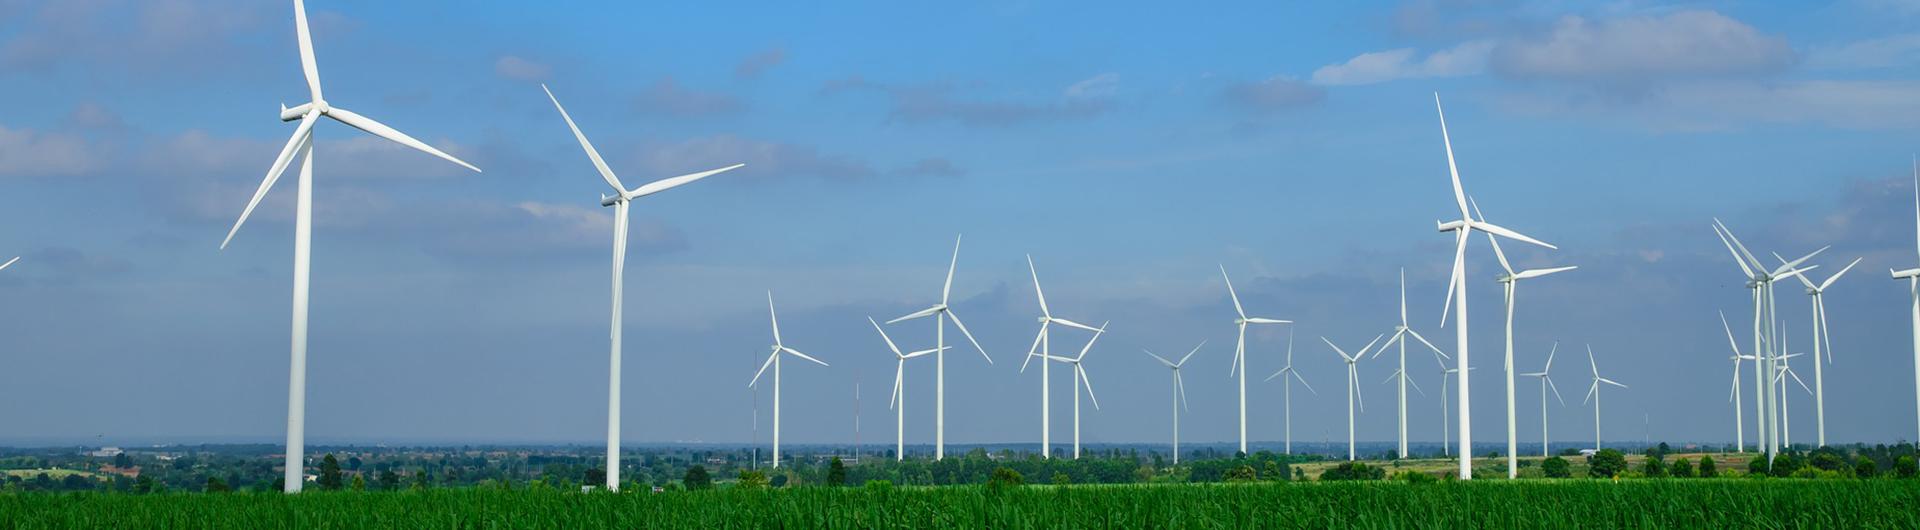 Windenergie-Ausbau stockt